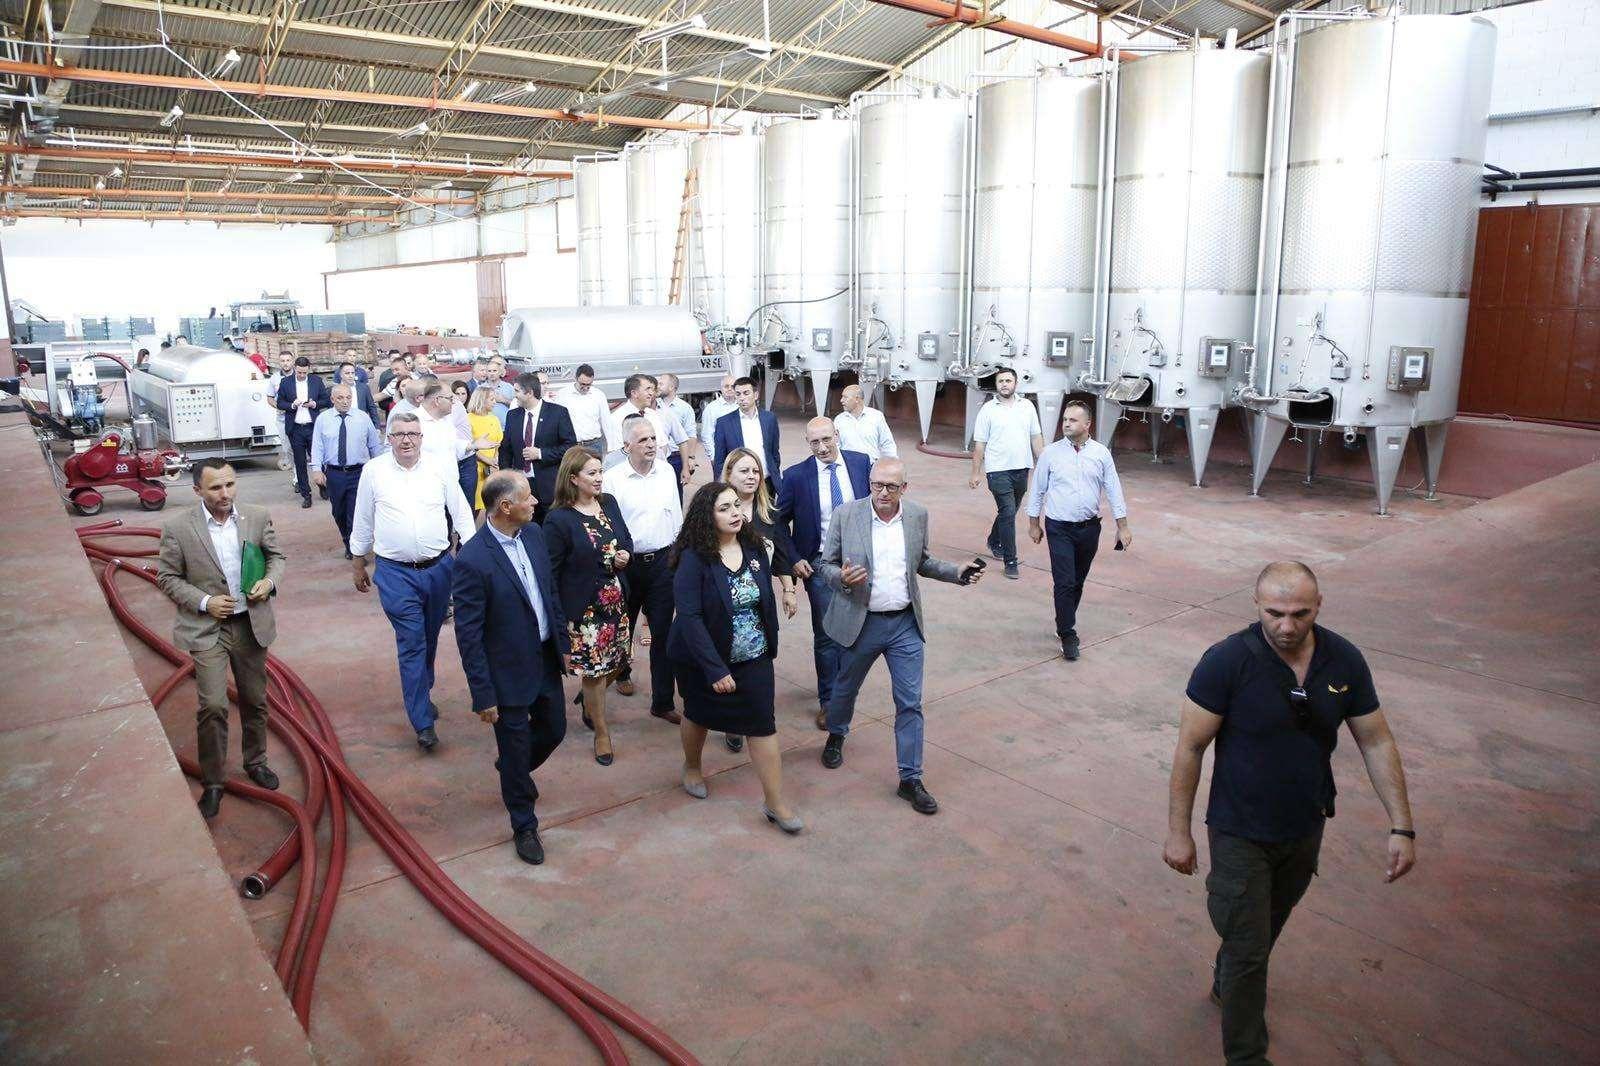 Avdullah Hoti  Bizneset kosovare do të marrin frymë lirshëm